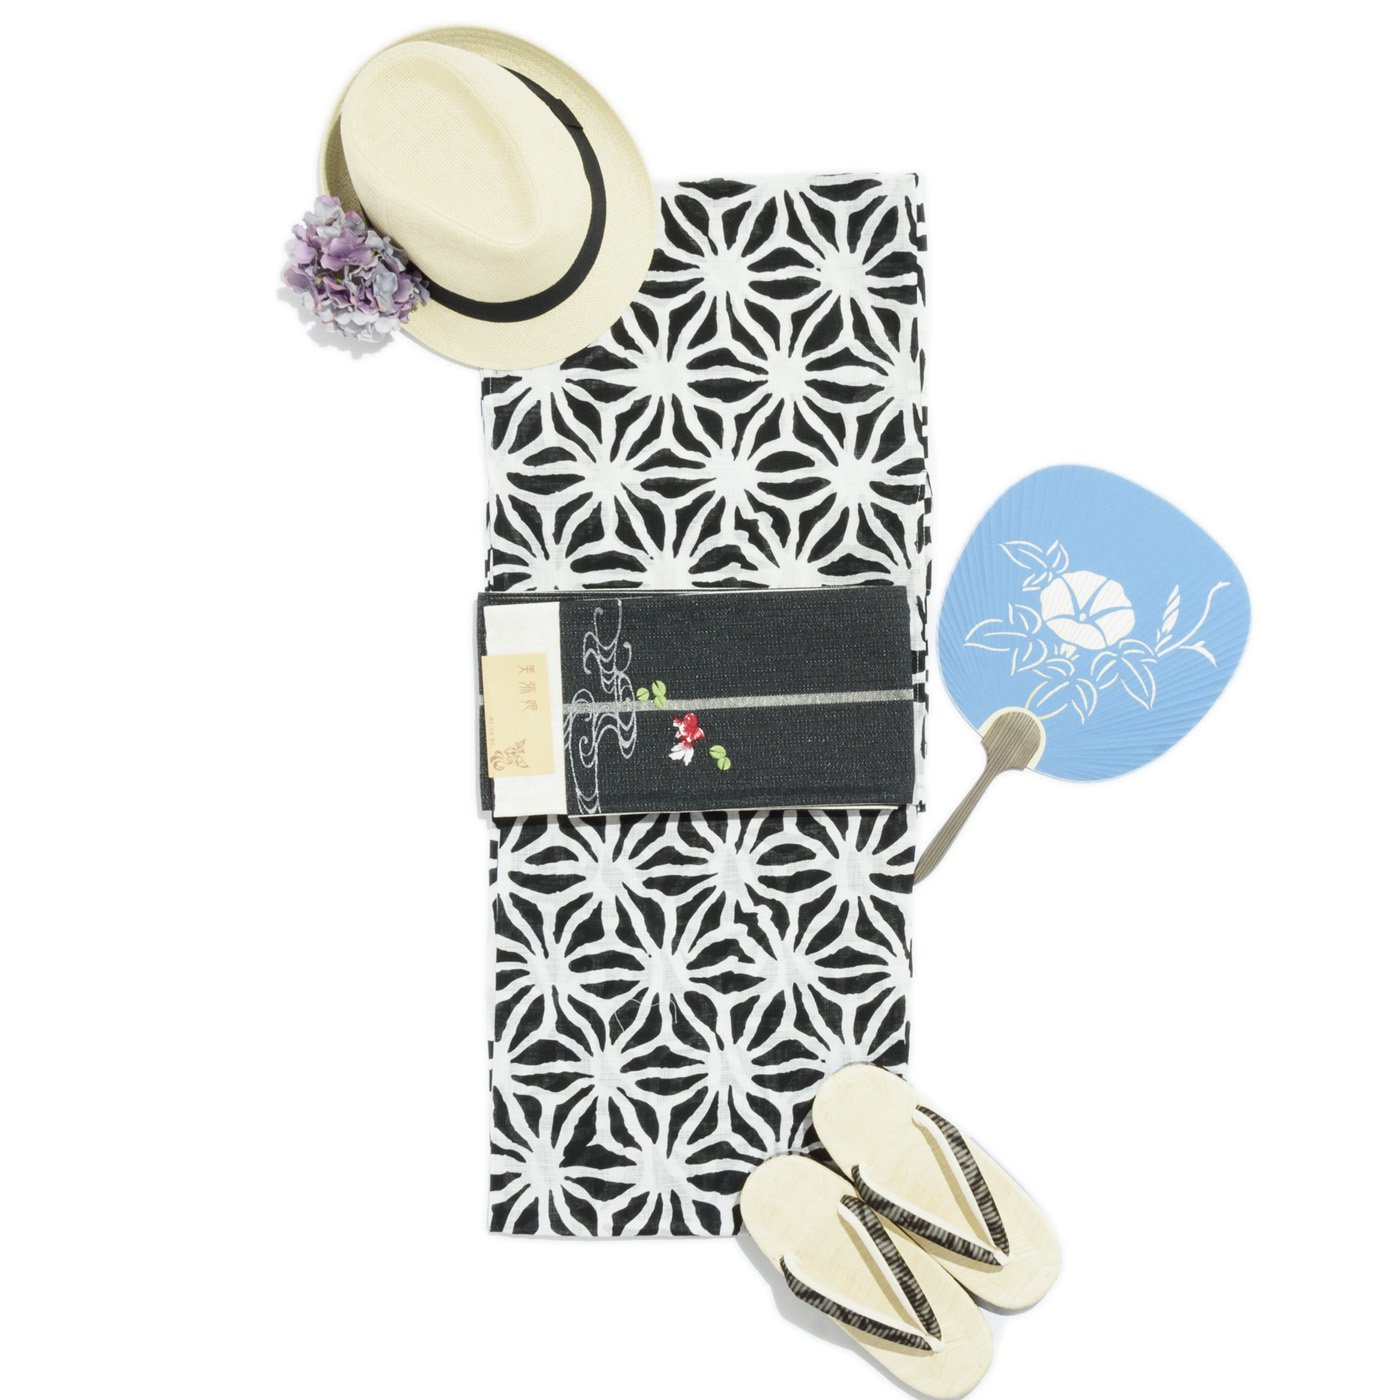 「2017新作浴衣 変わり麻の葉」の商品画像